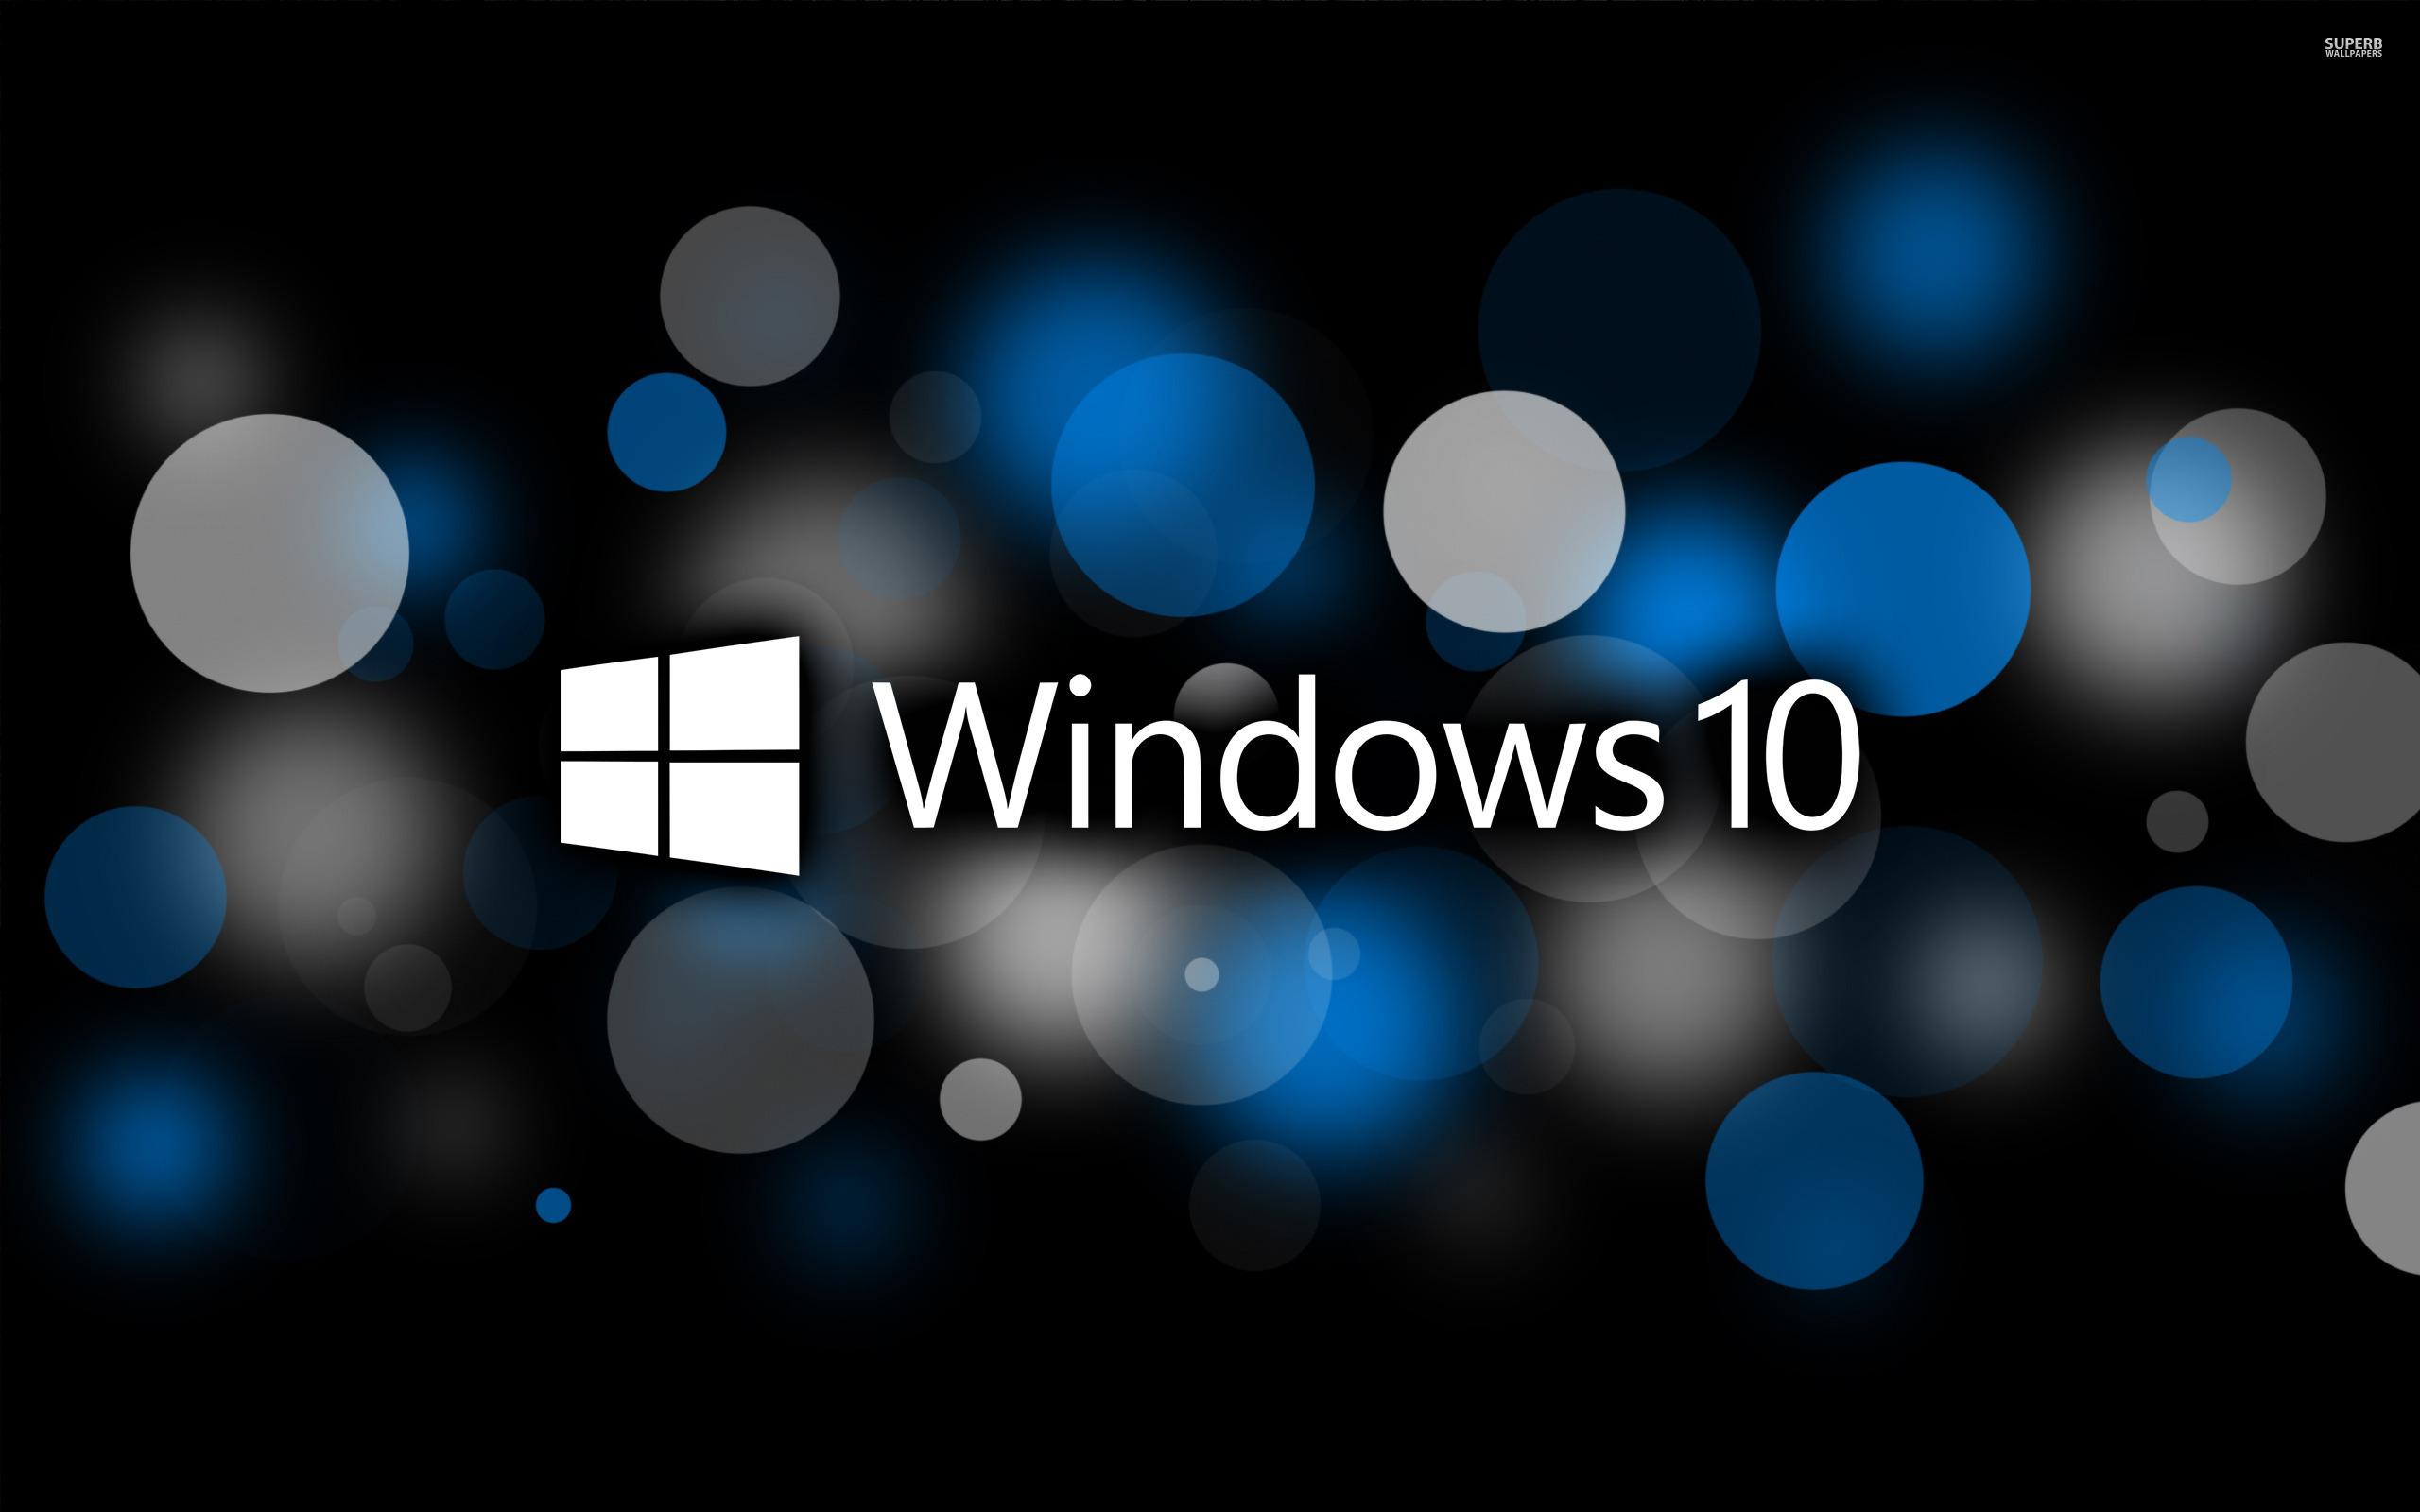 Windows 10 Black Wallpaper Wallpapersafari